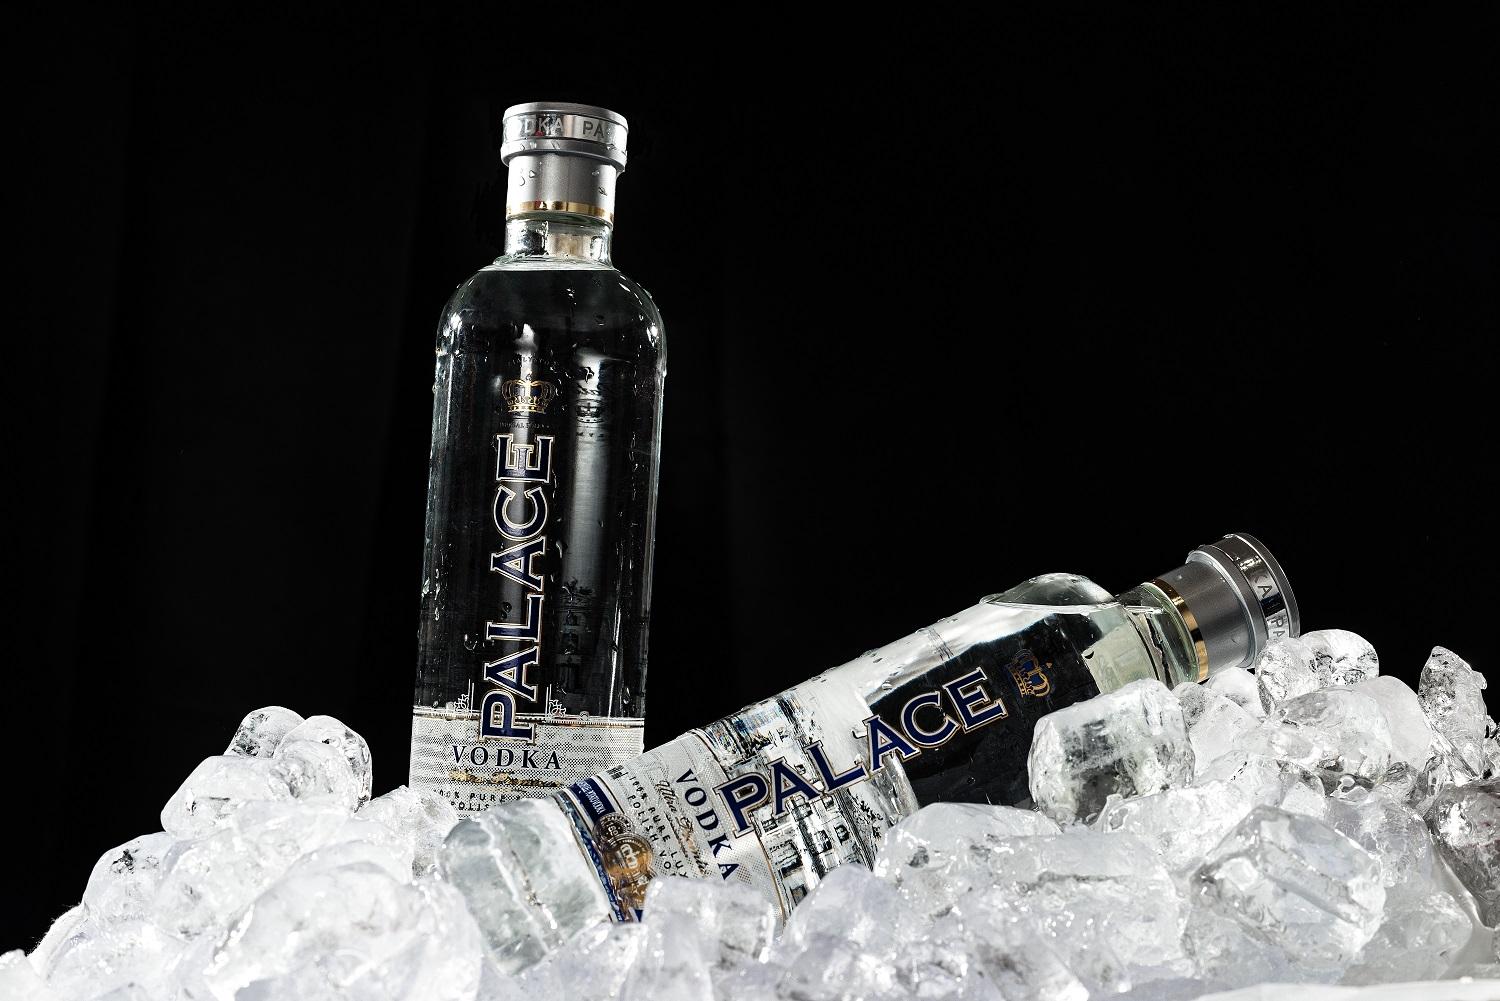 Vodka Blanche